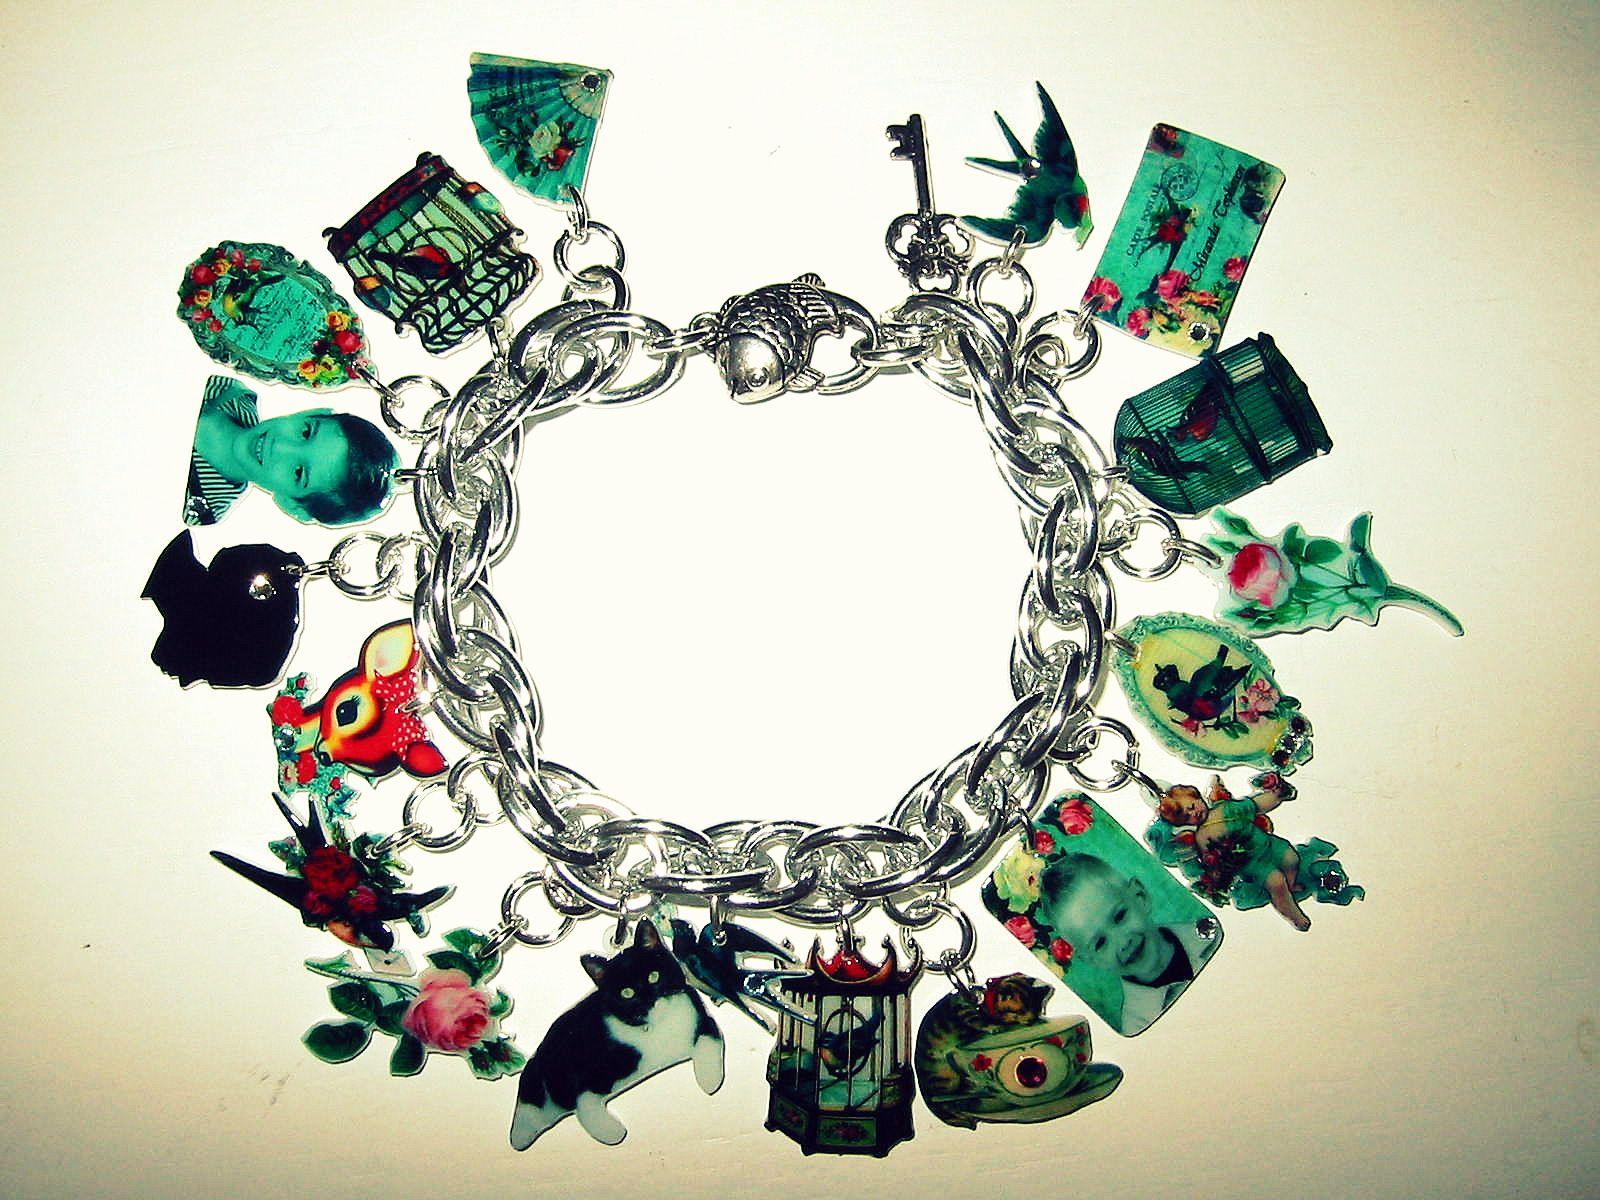 Shrinky dinks armband met je persoonlijke en mooie afbeeldingen...